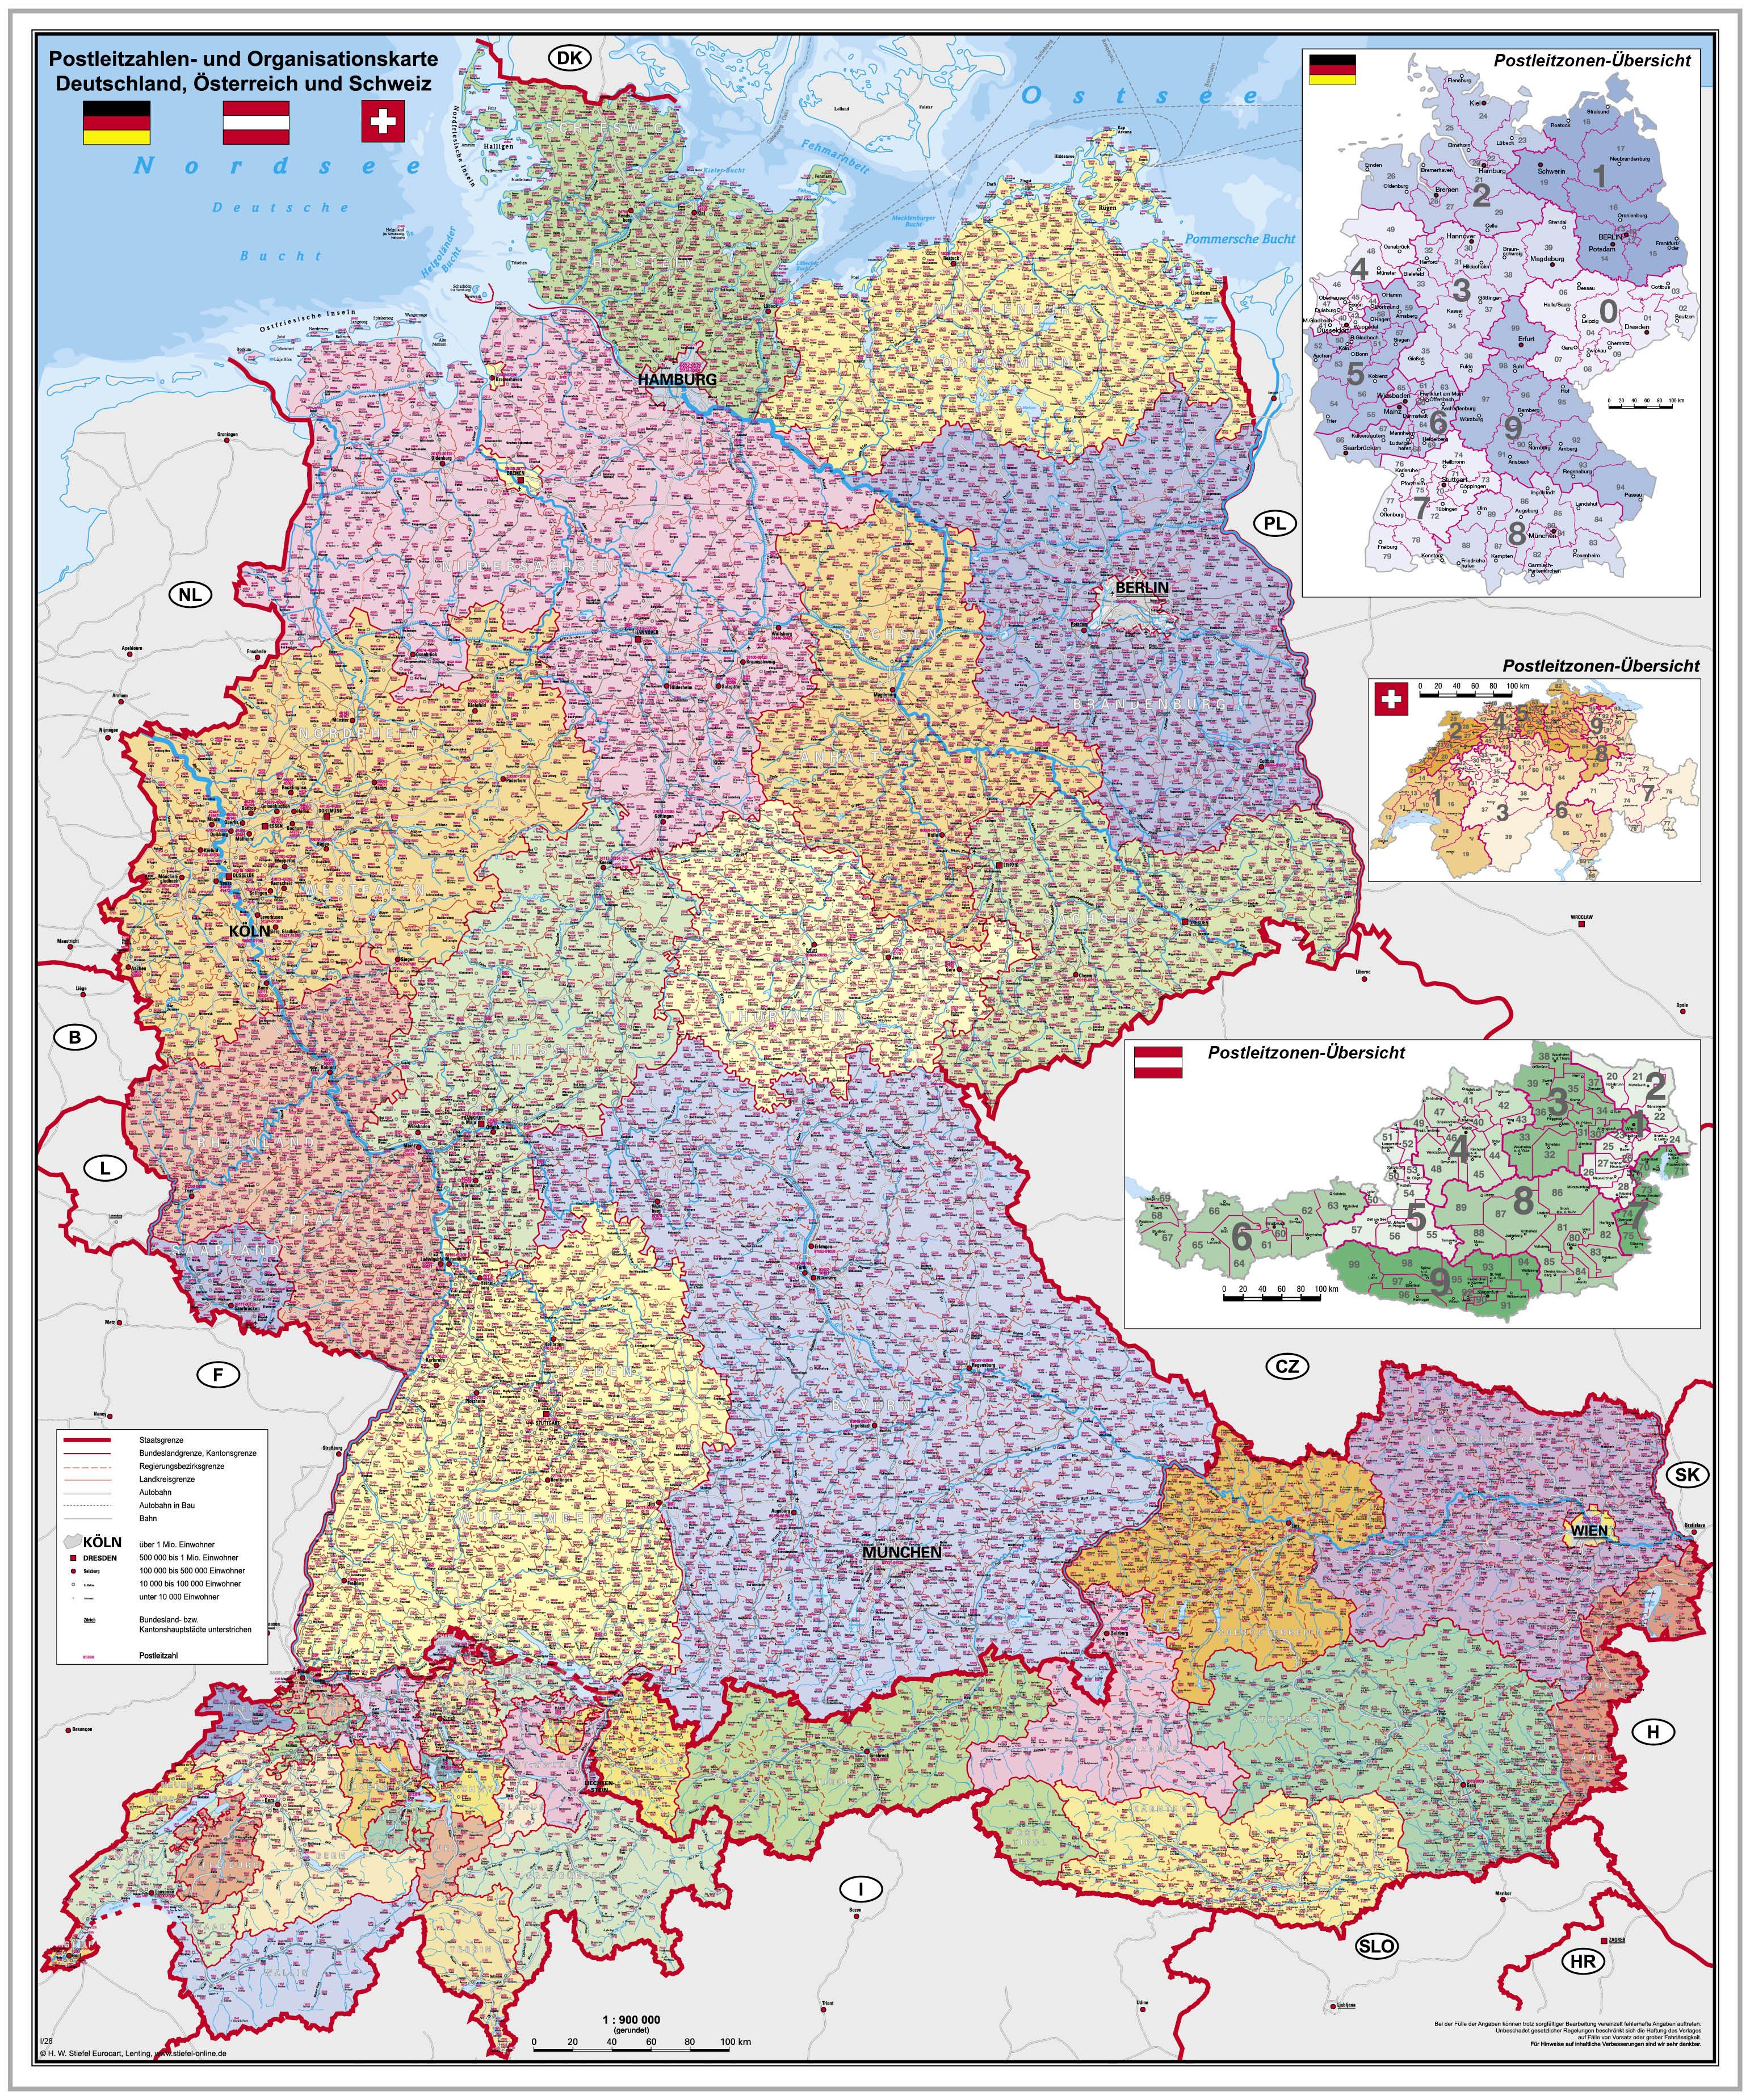 Postleitzahlen Und Organisationskarte Deutschland Osterreich